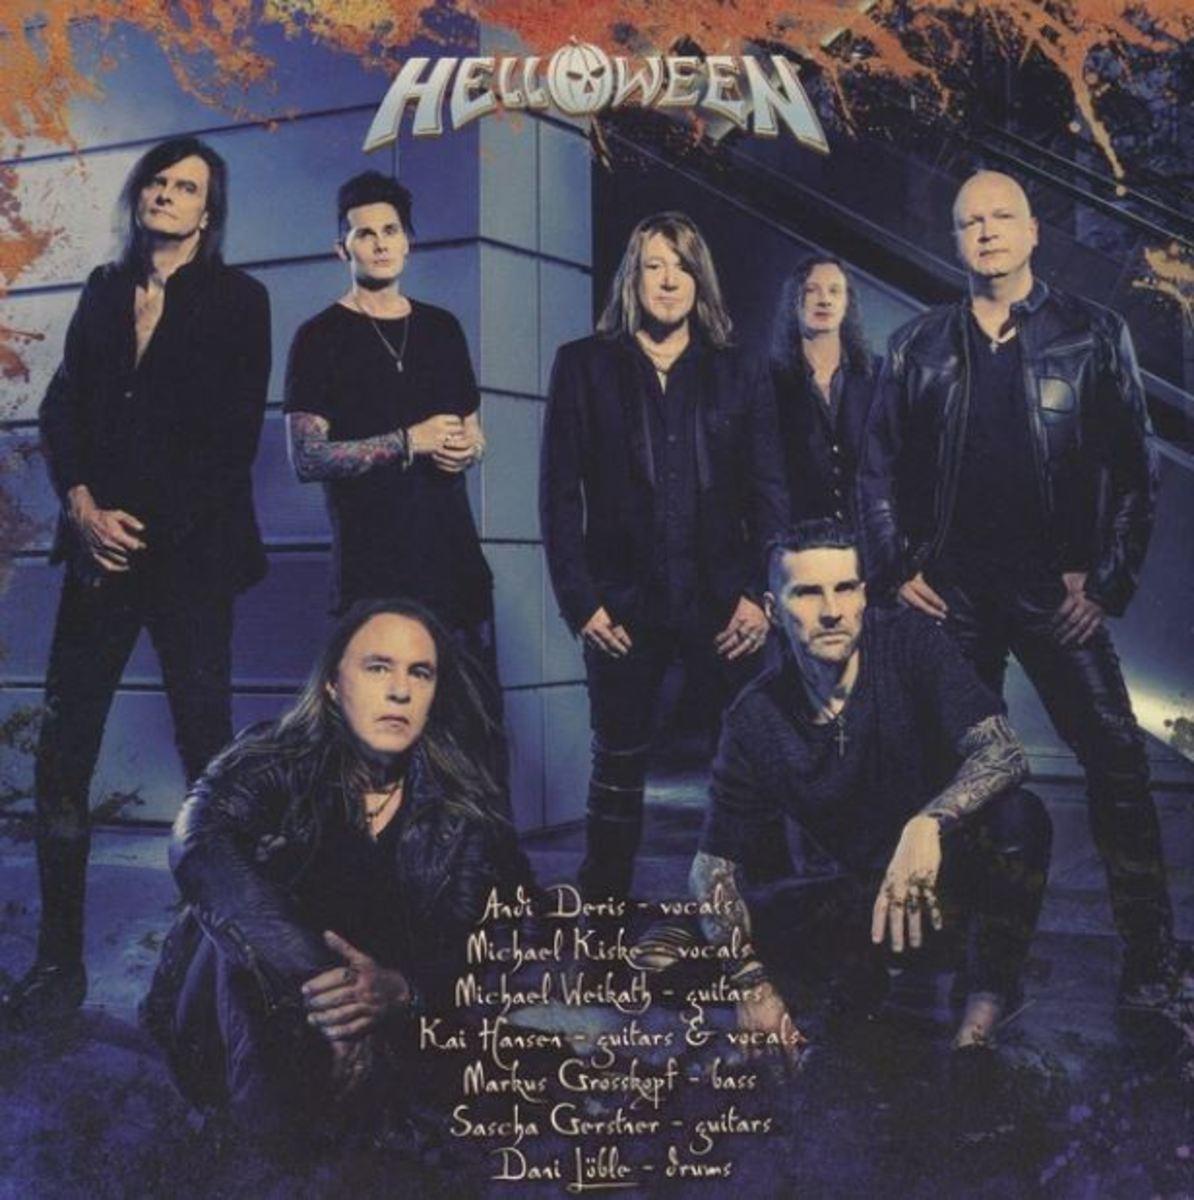 Pumpkins united! Helloween 2021 lineup.